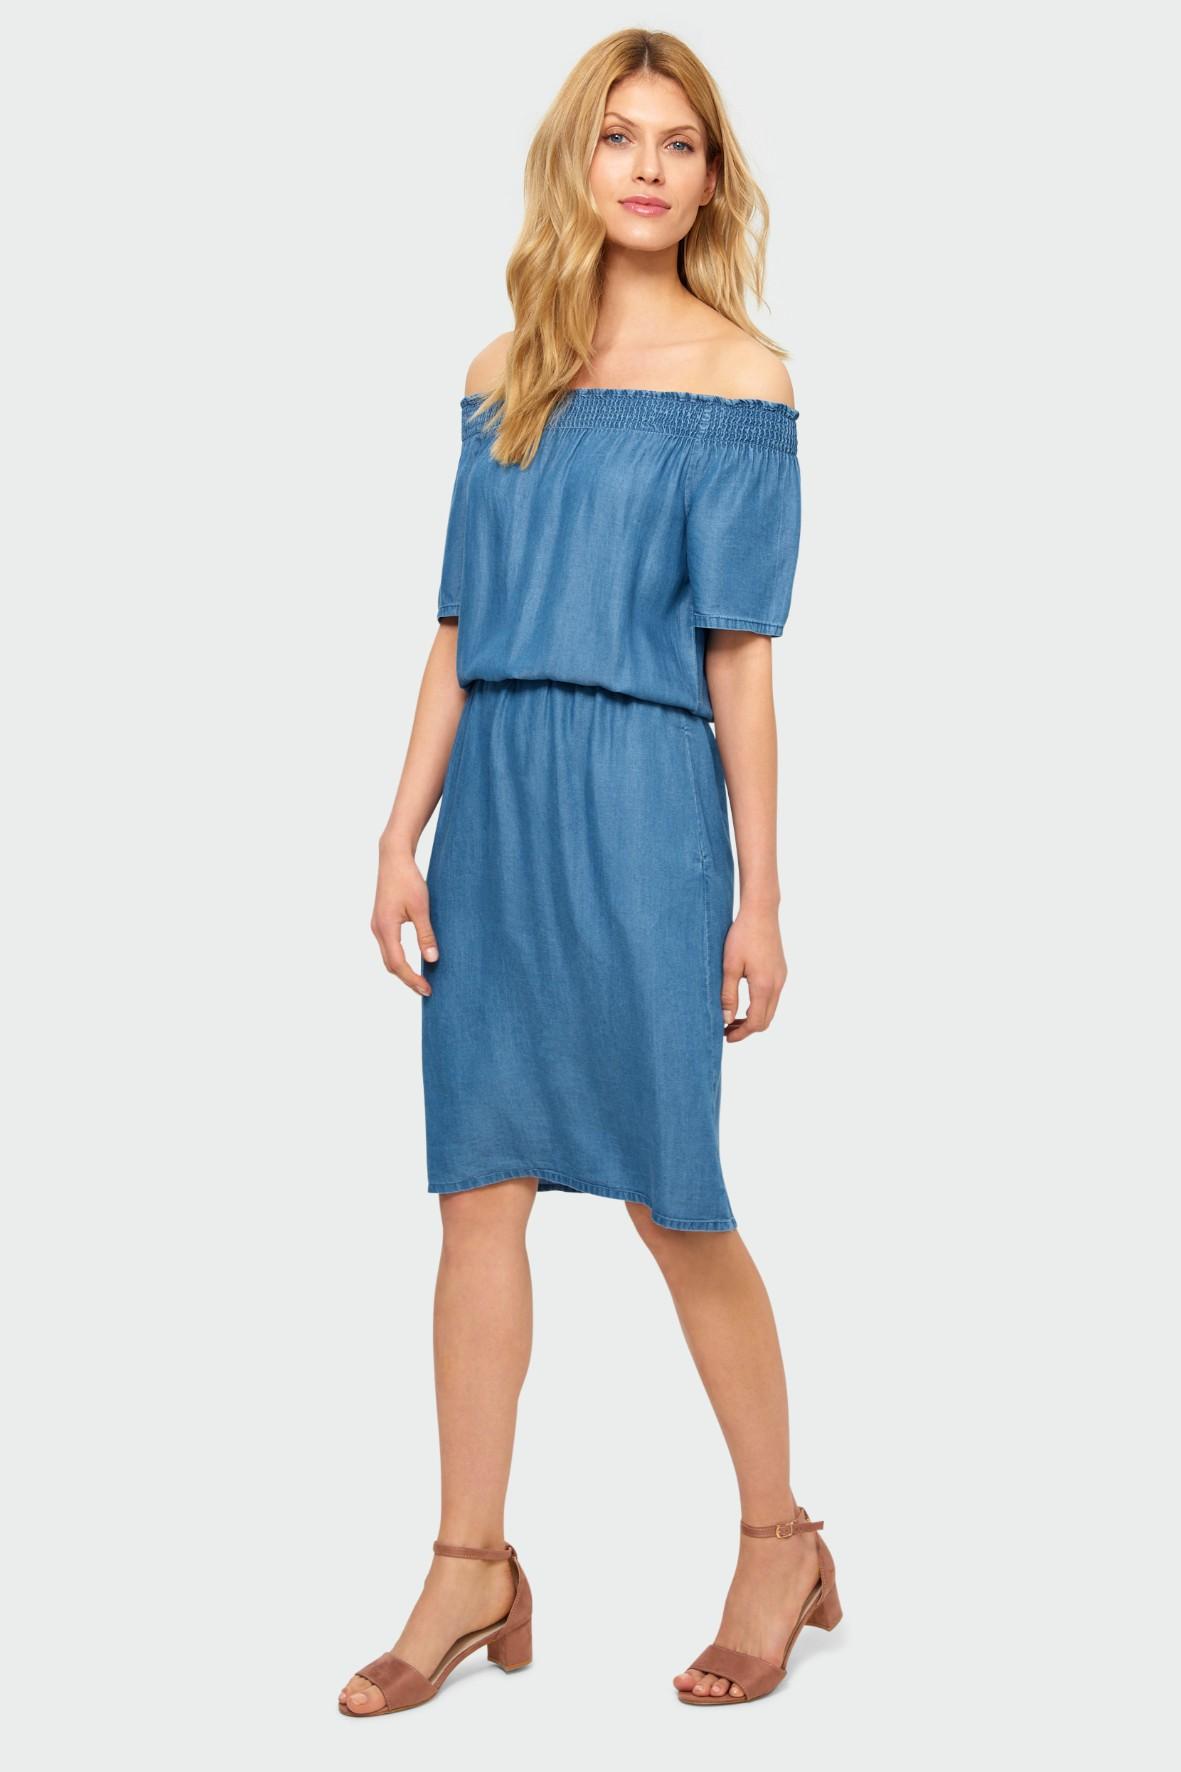 Niebieska sukienka z lyocellu typu hiszpanka podkreślona talia